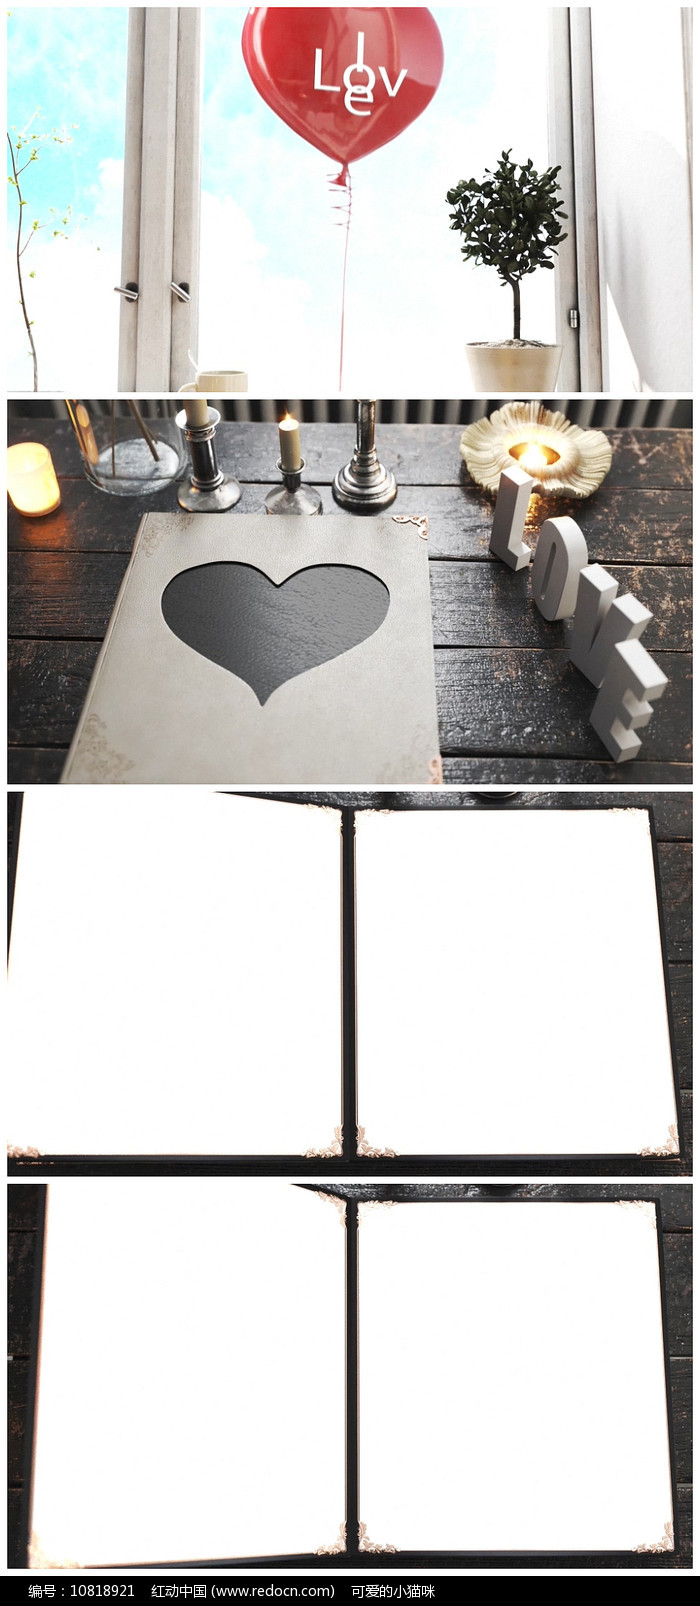 唯美爱情相册室内图文介绍视频模板图片